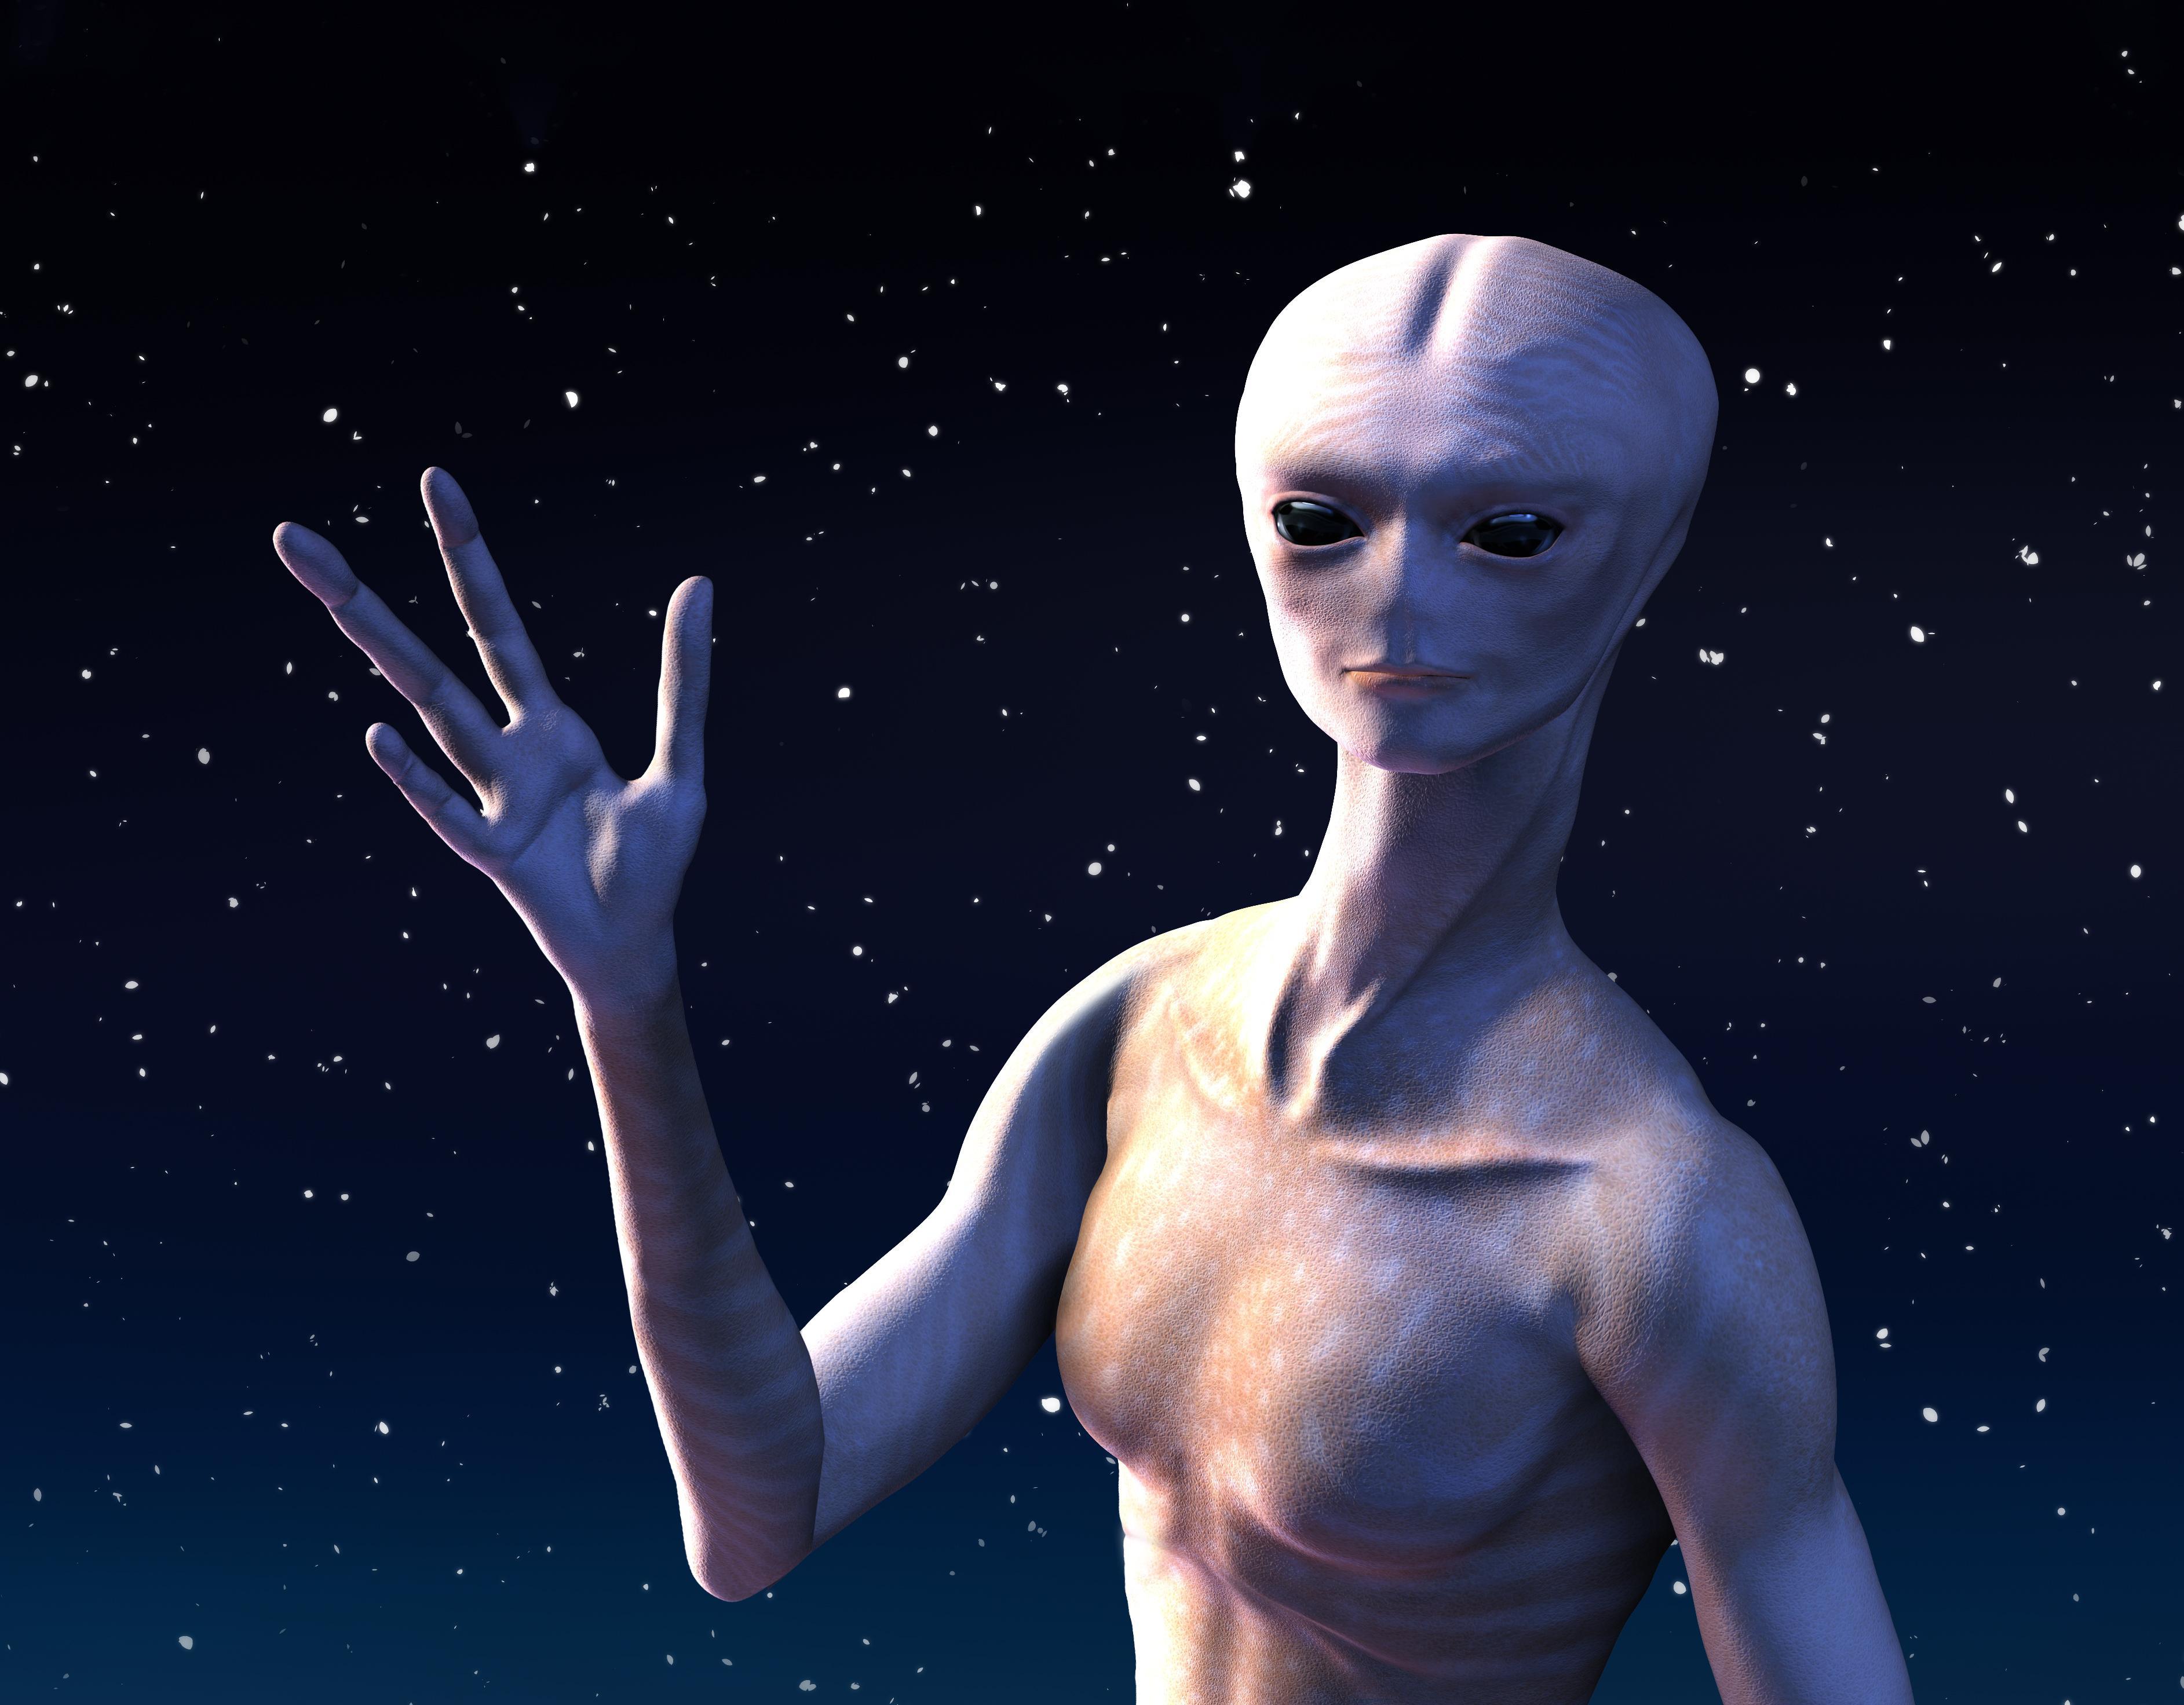 Du kommer nok ikke til å hilse på denne karen med det første, men om SETI er heldige kan det være de kan plukke opp radiosignaler fra utenomjordisk liv.Foto: Shutterstock